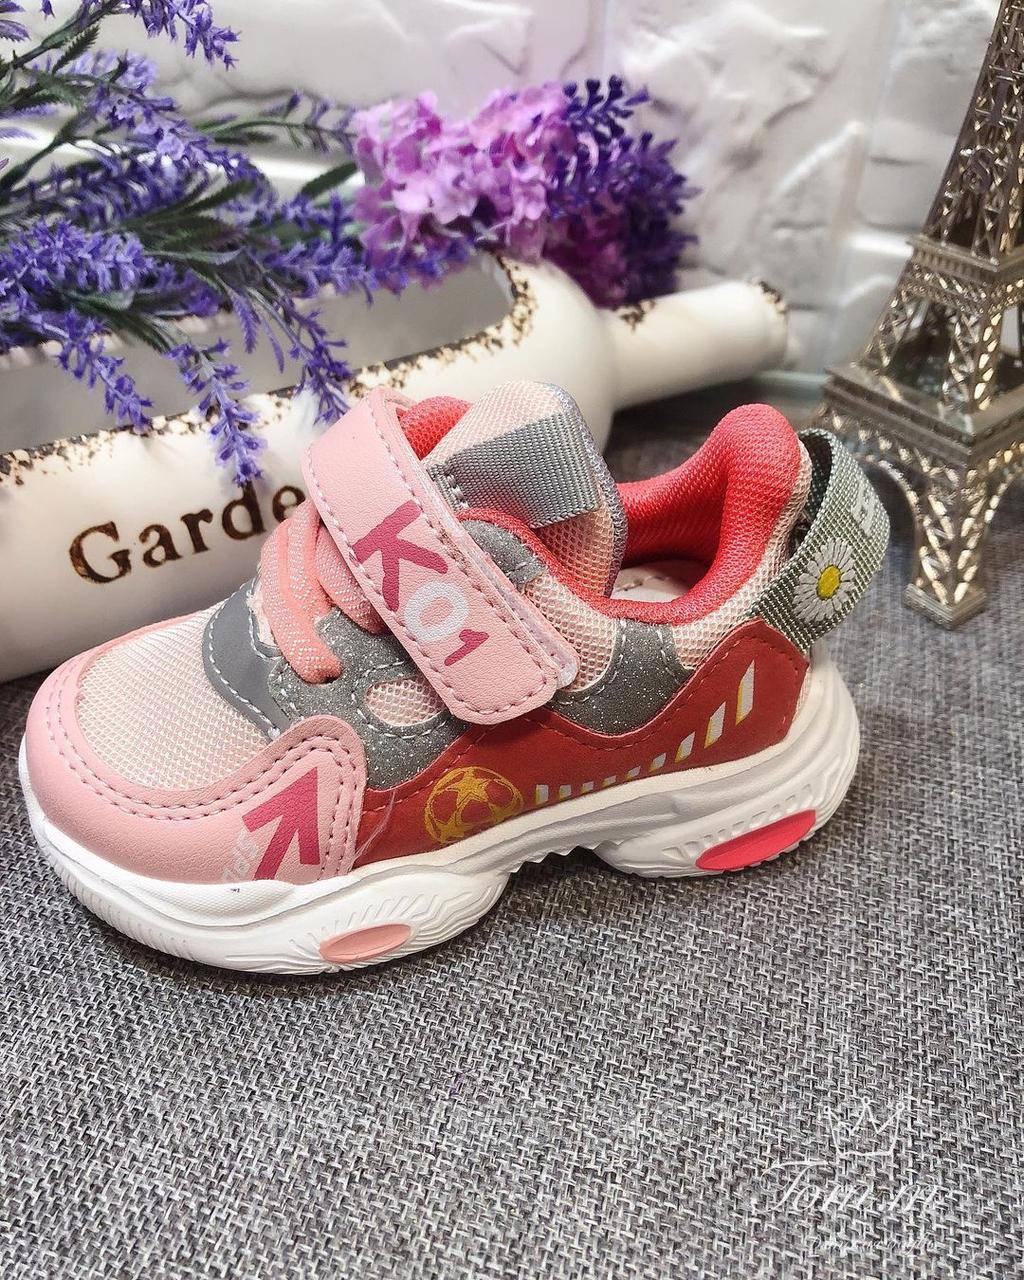 Кросівки дитячі на дівчинку Tom.M 7979H. 21-26 розміри.